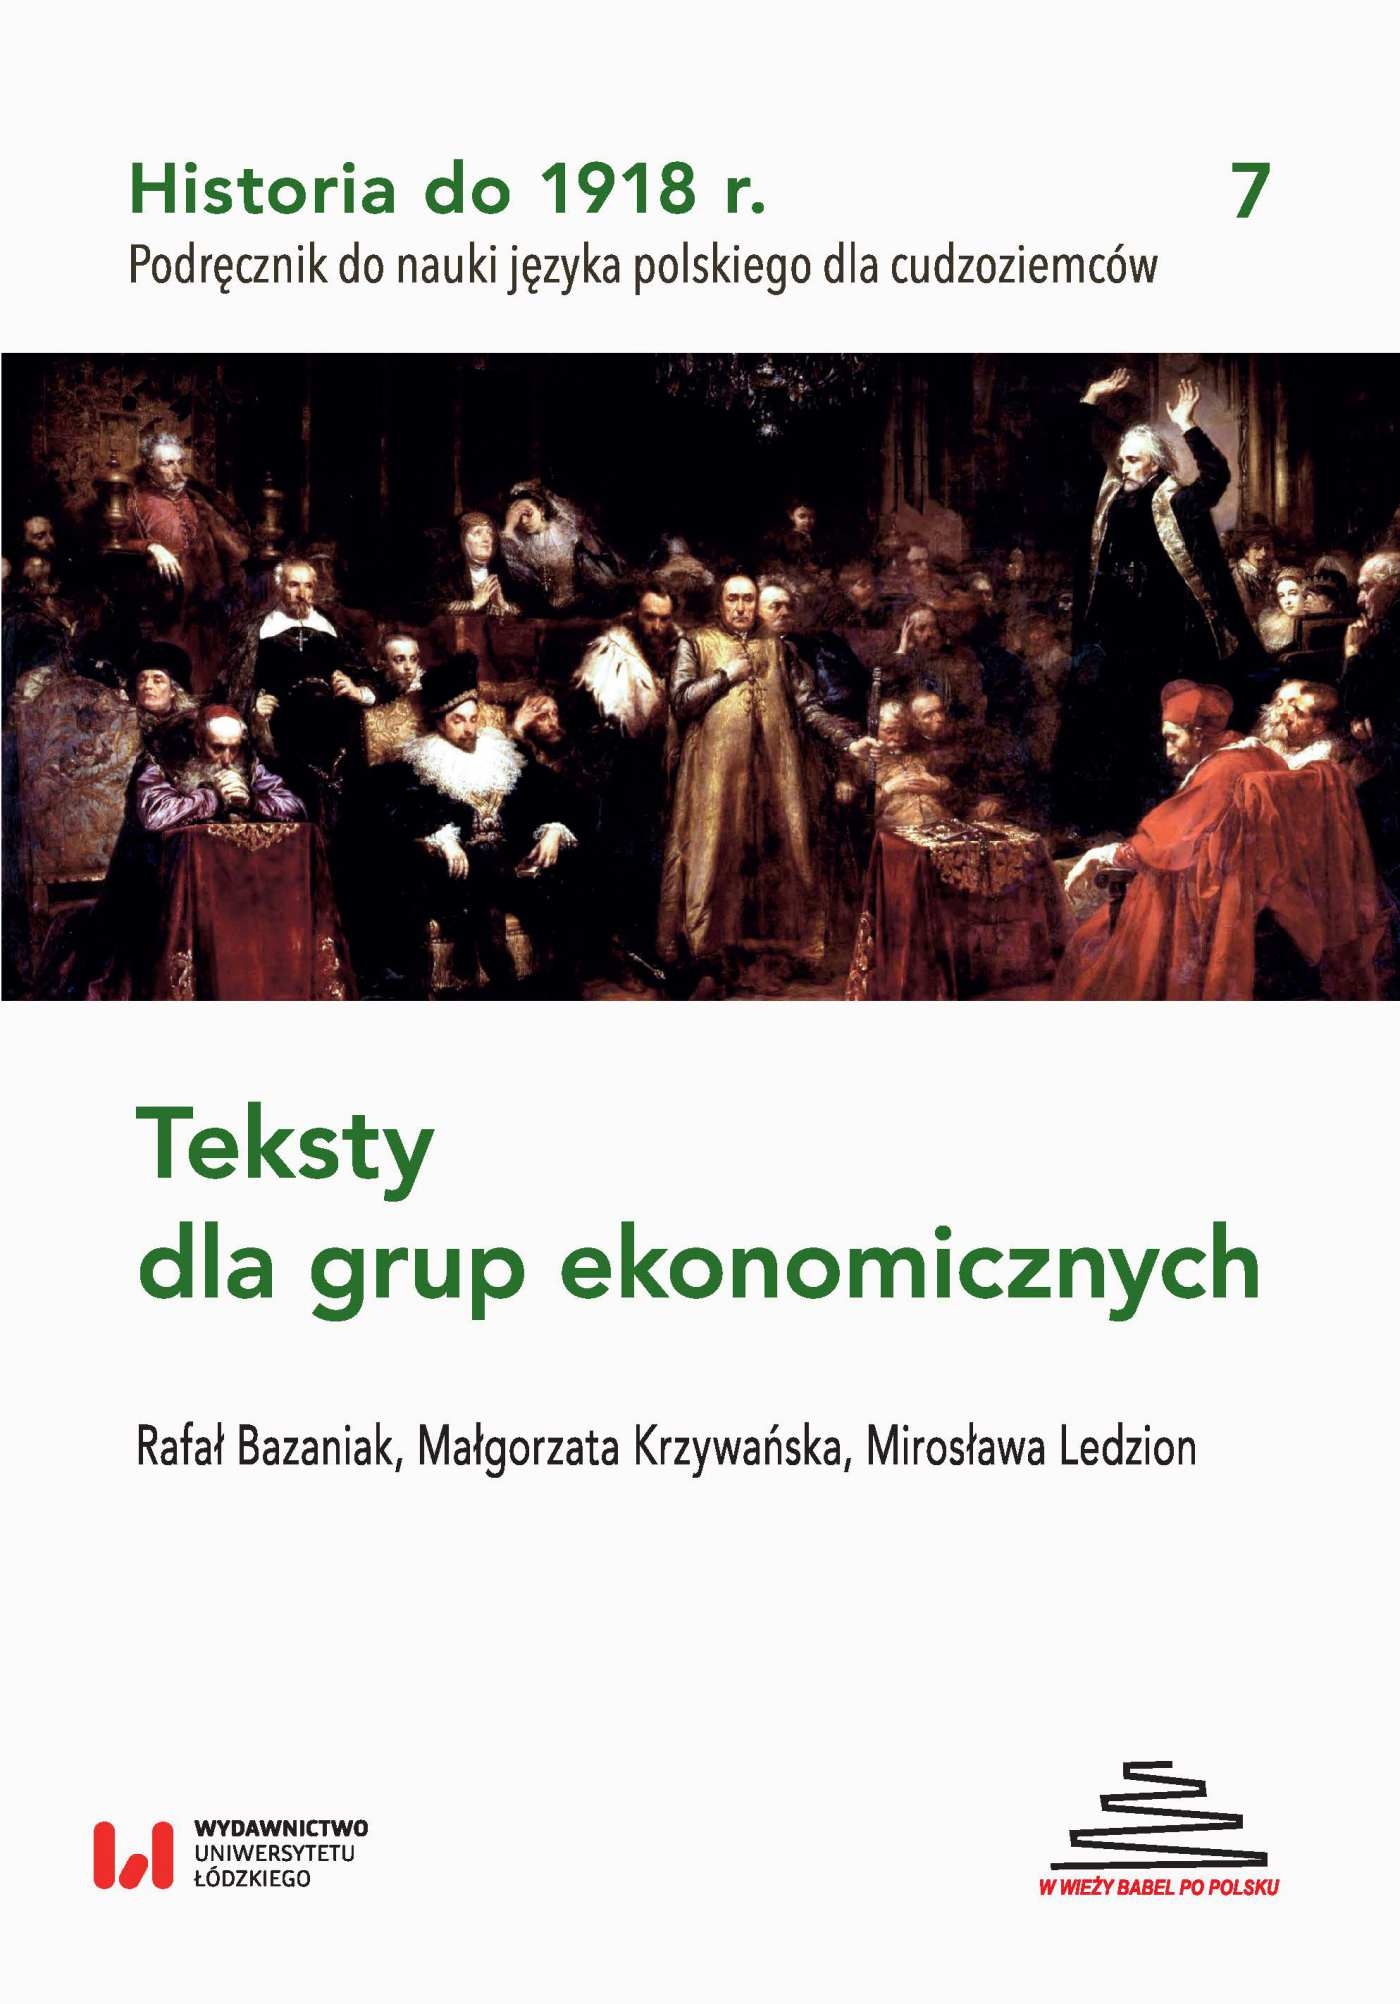 Historia do 1918 r. Teksty dla grup ekonomicznych - Ebook (Książka PDF) do pobrania w formacie PDF